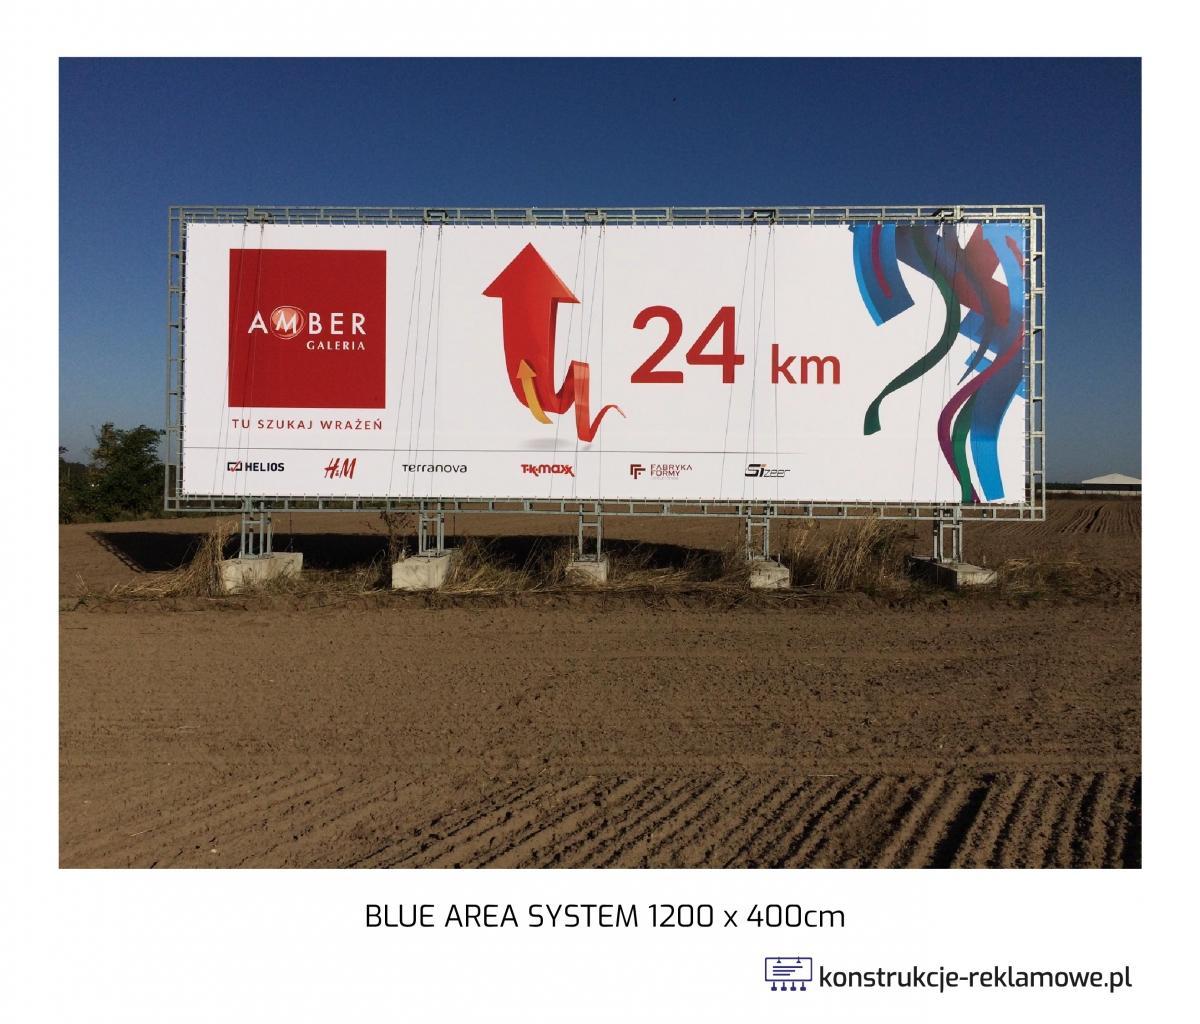 Blue Area System bilboard 1200 x 400cm - konstrukcje-reklamowe.pl